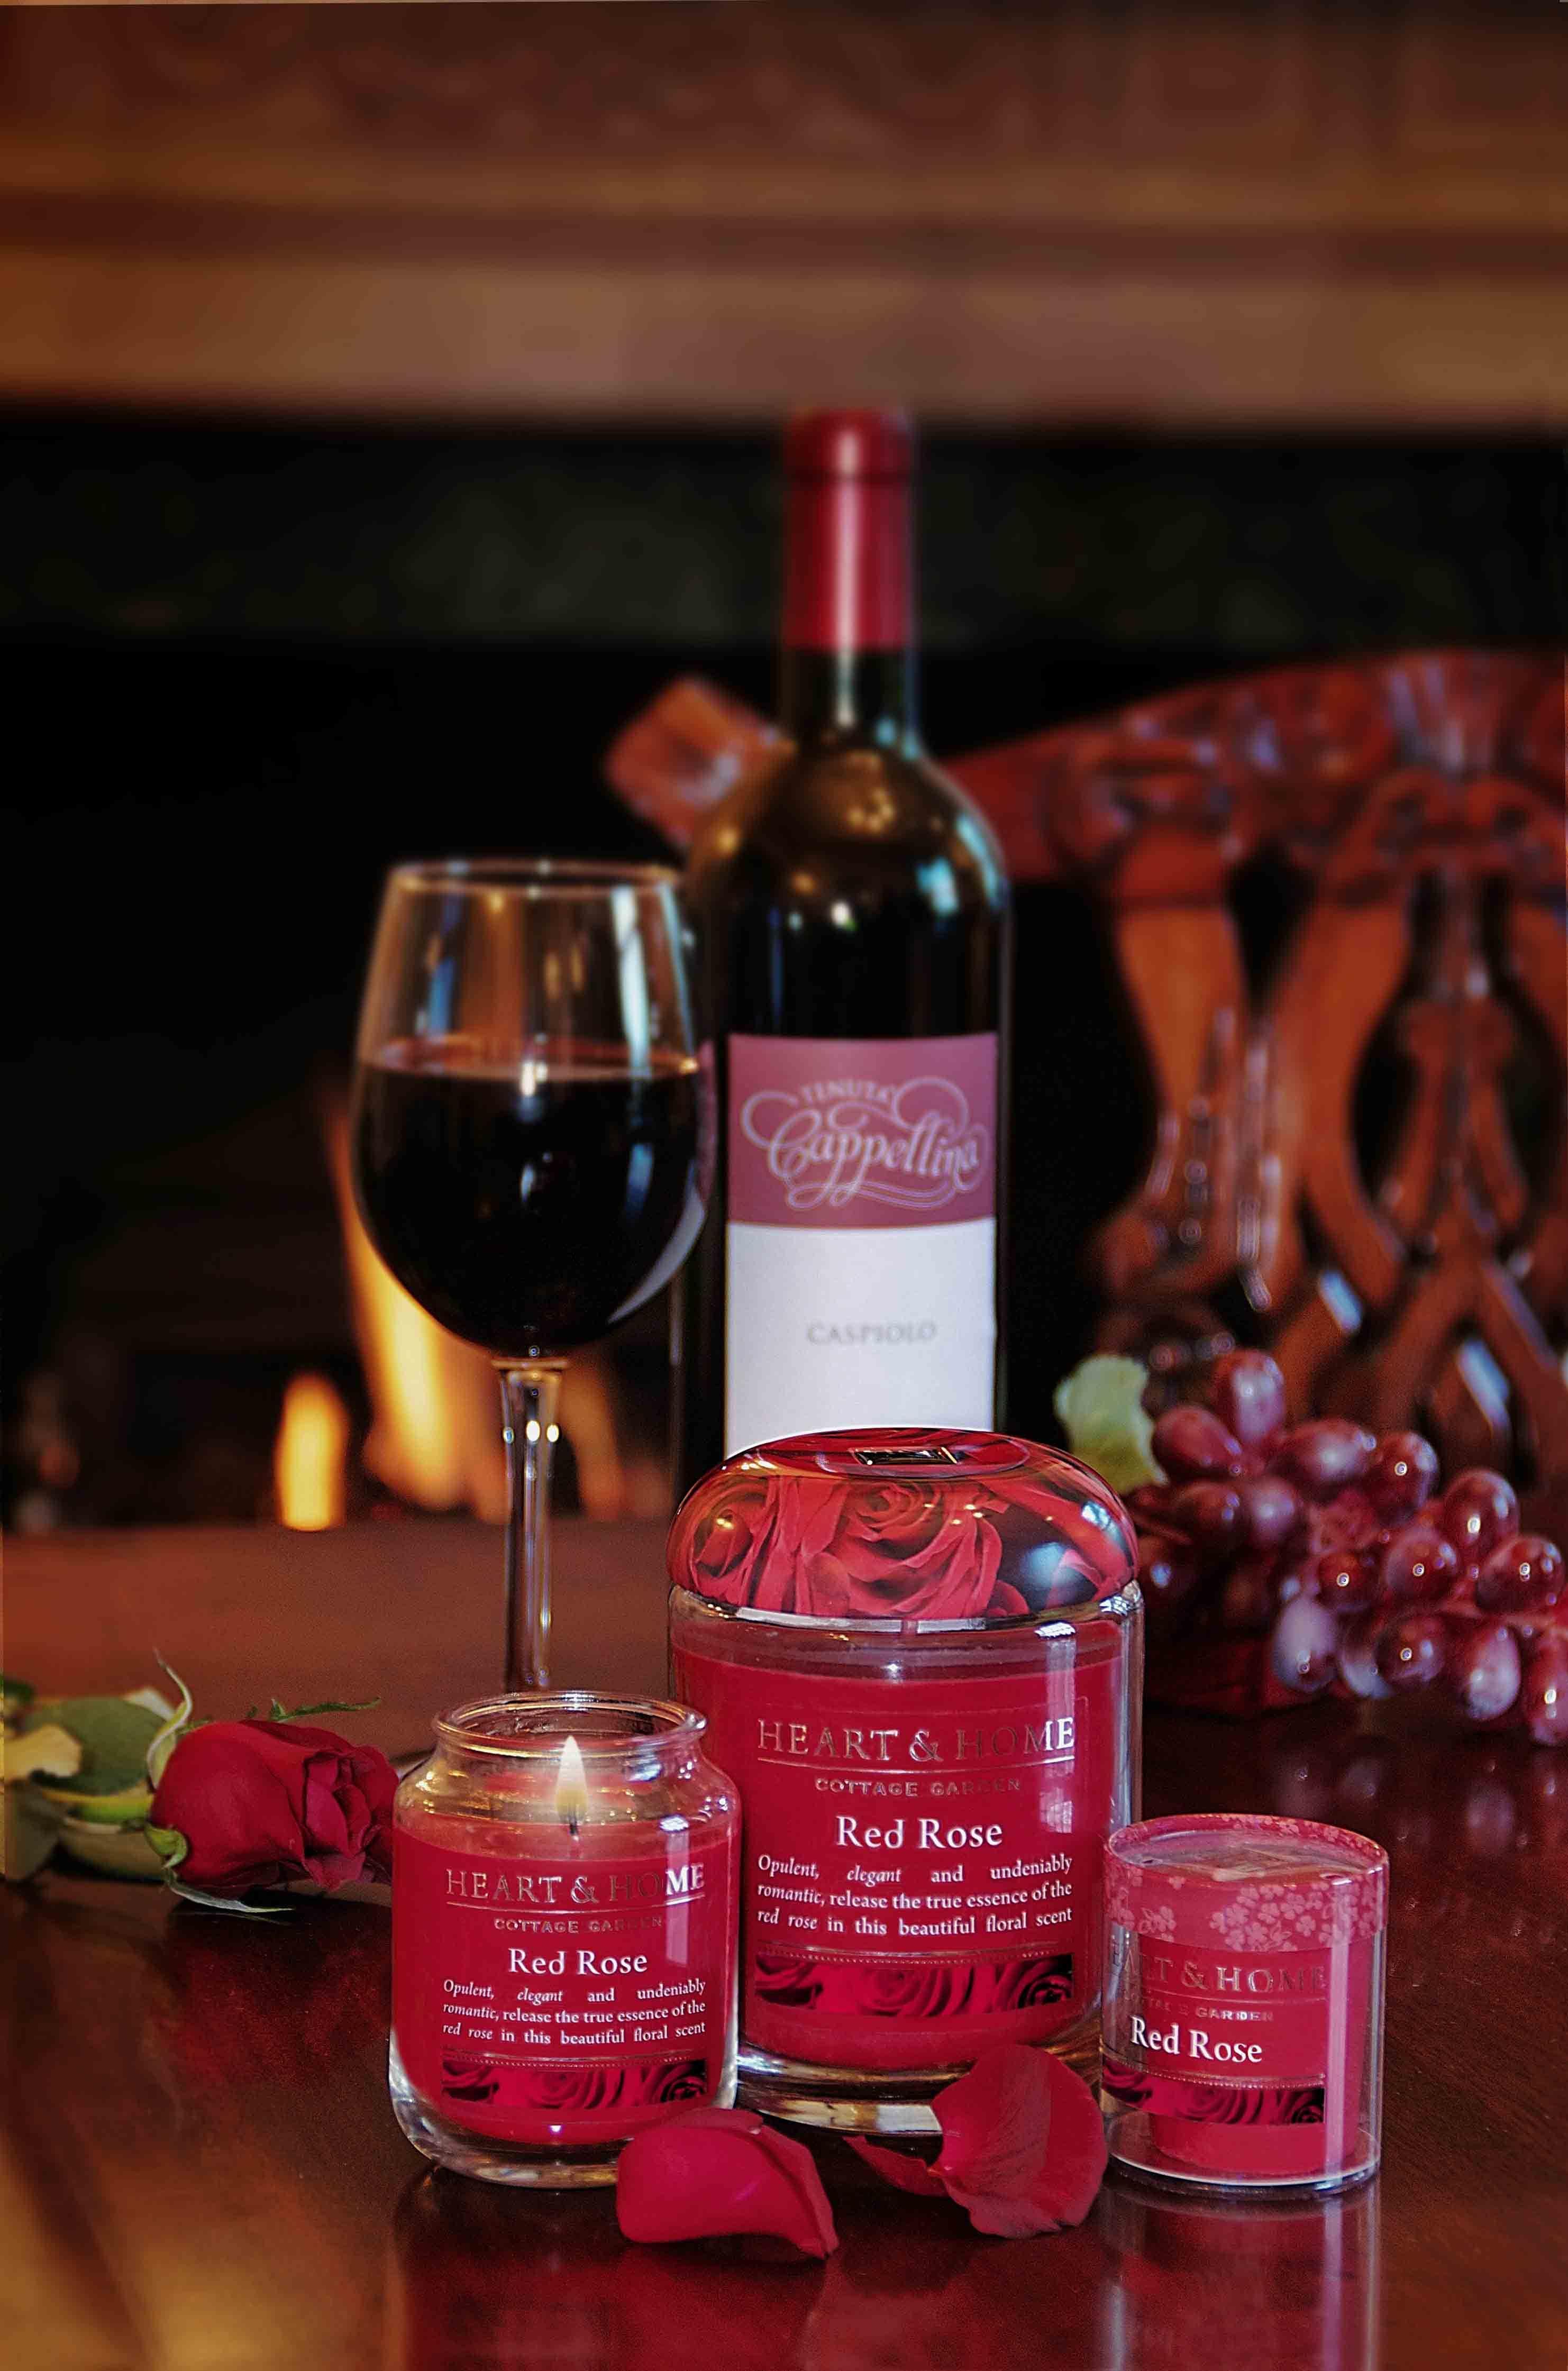 Rosa Rossa Elegante E Romantica Tutta L Essenza Della Rosa Rossa E Della Sua Bellissima Fragranza Sono Racchiusi Qui Seasonal Candles Red Roses Floral Scent